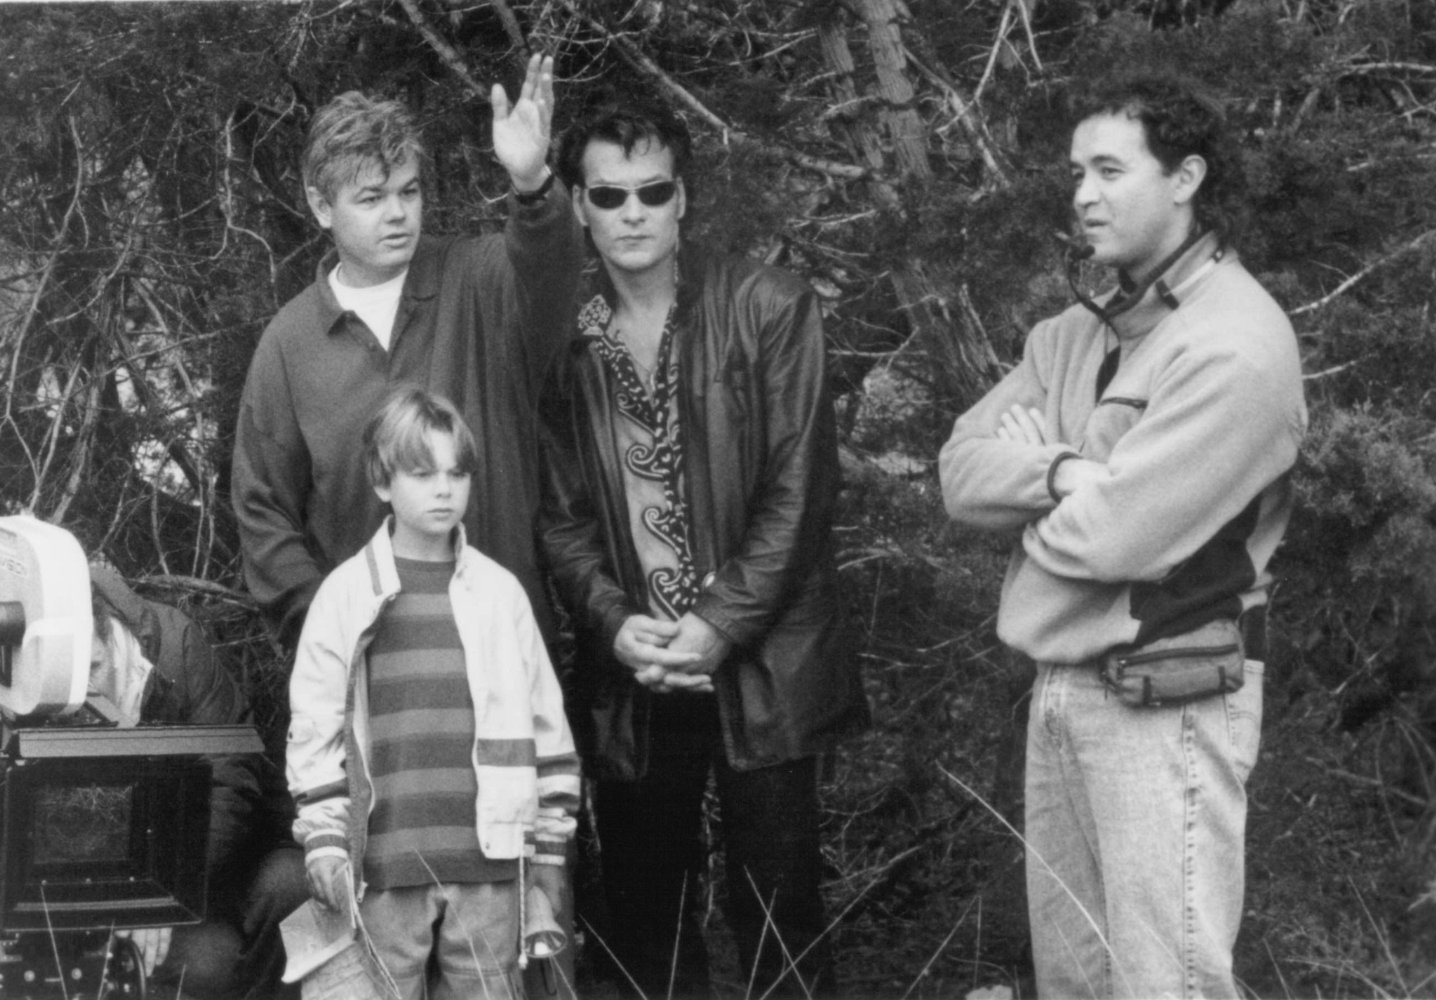 Фільм «Відчайдушний тато» (1993): Даррел Рудт, Брайан Бонсалл, Патрік Свейзі 1436x1000